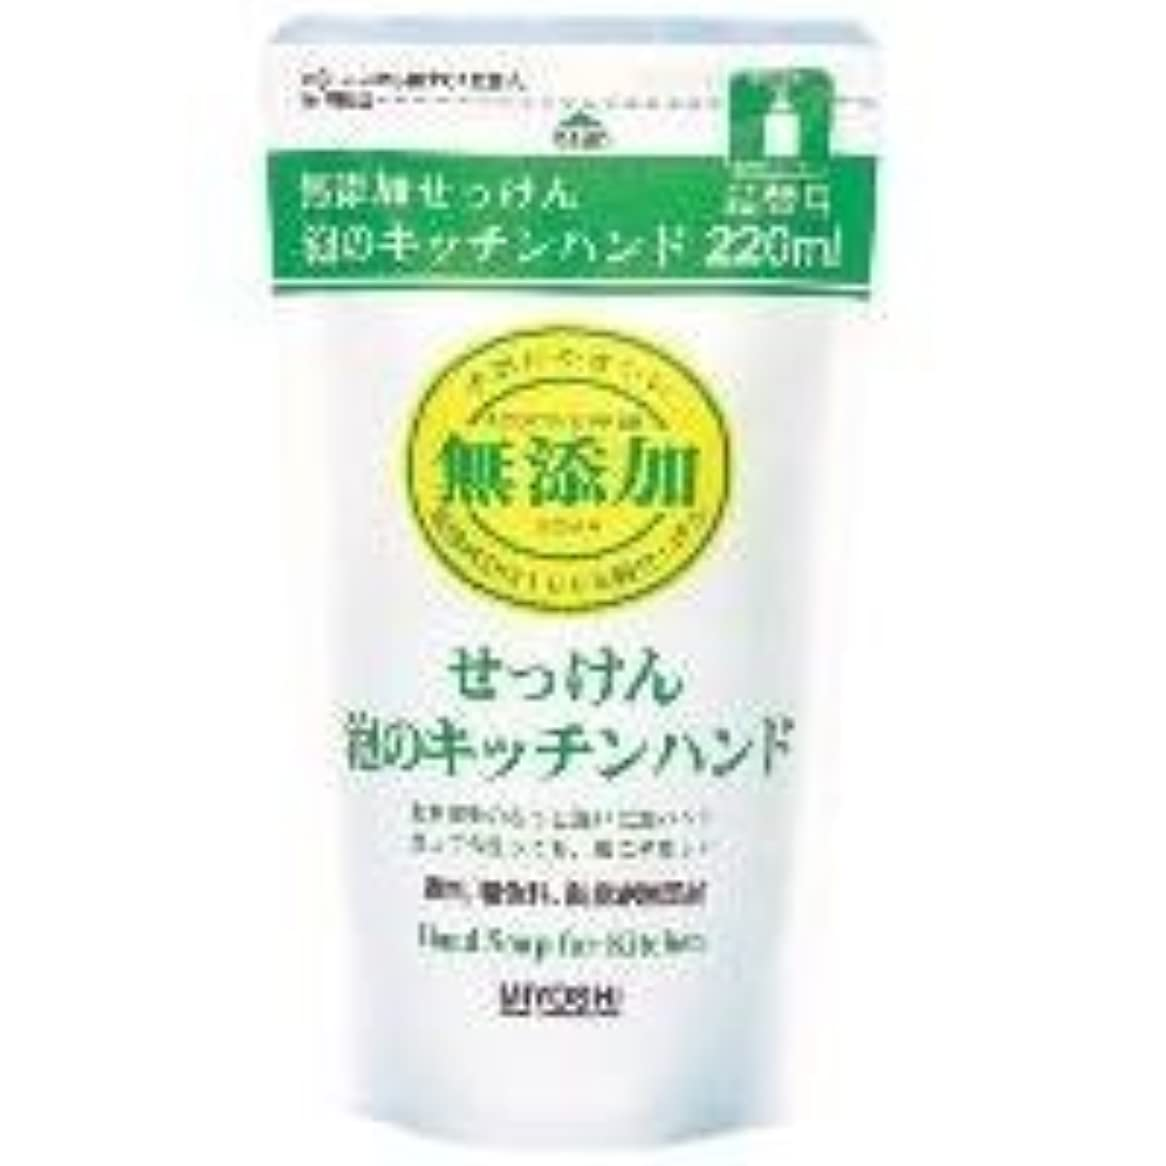 偶然の最高メーターミヨシ石鹸 無添加せっけん 泡のキッチンハンド 詰替用  220ml